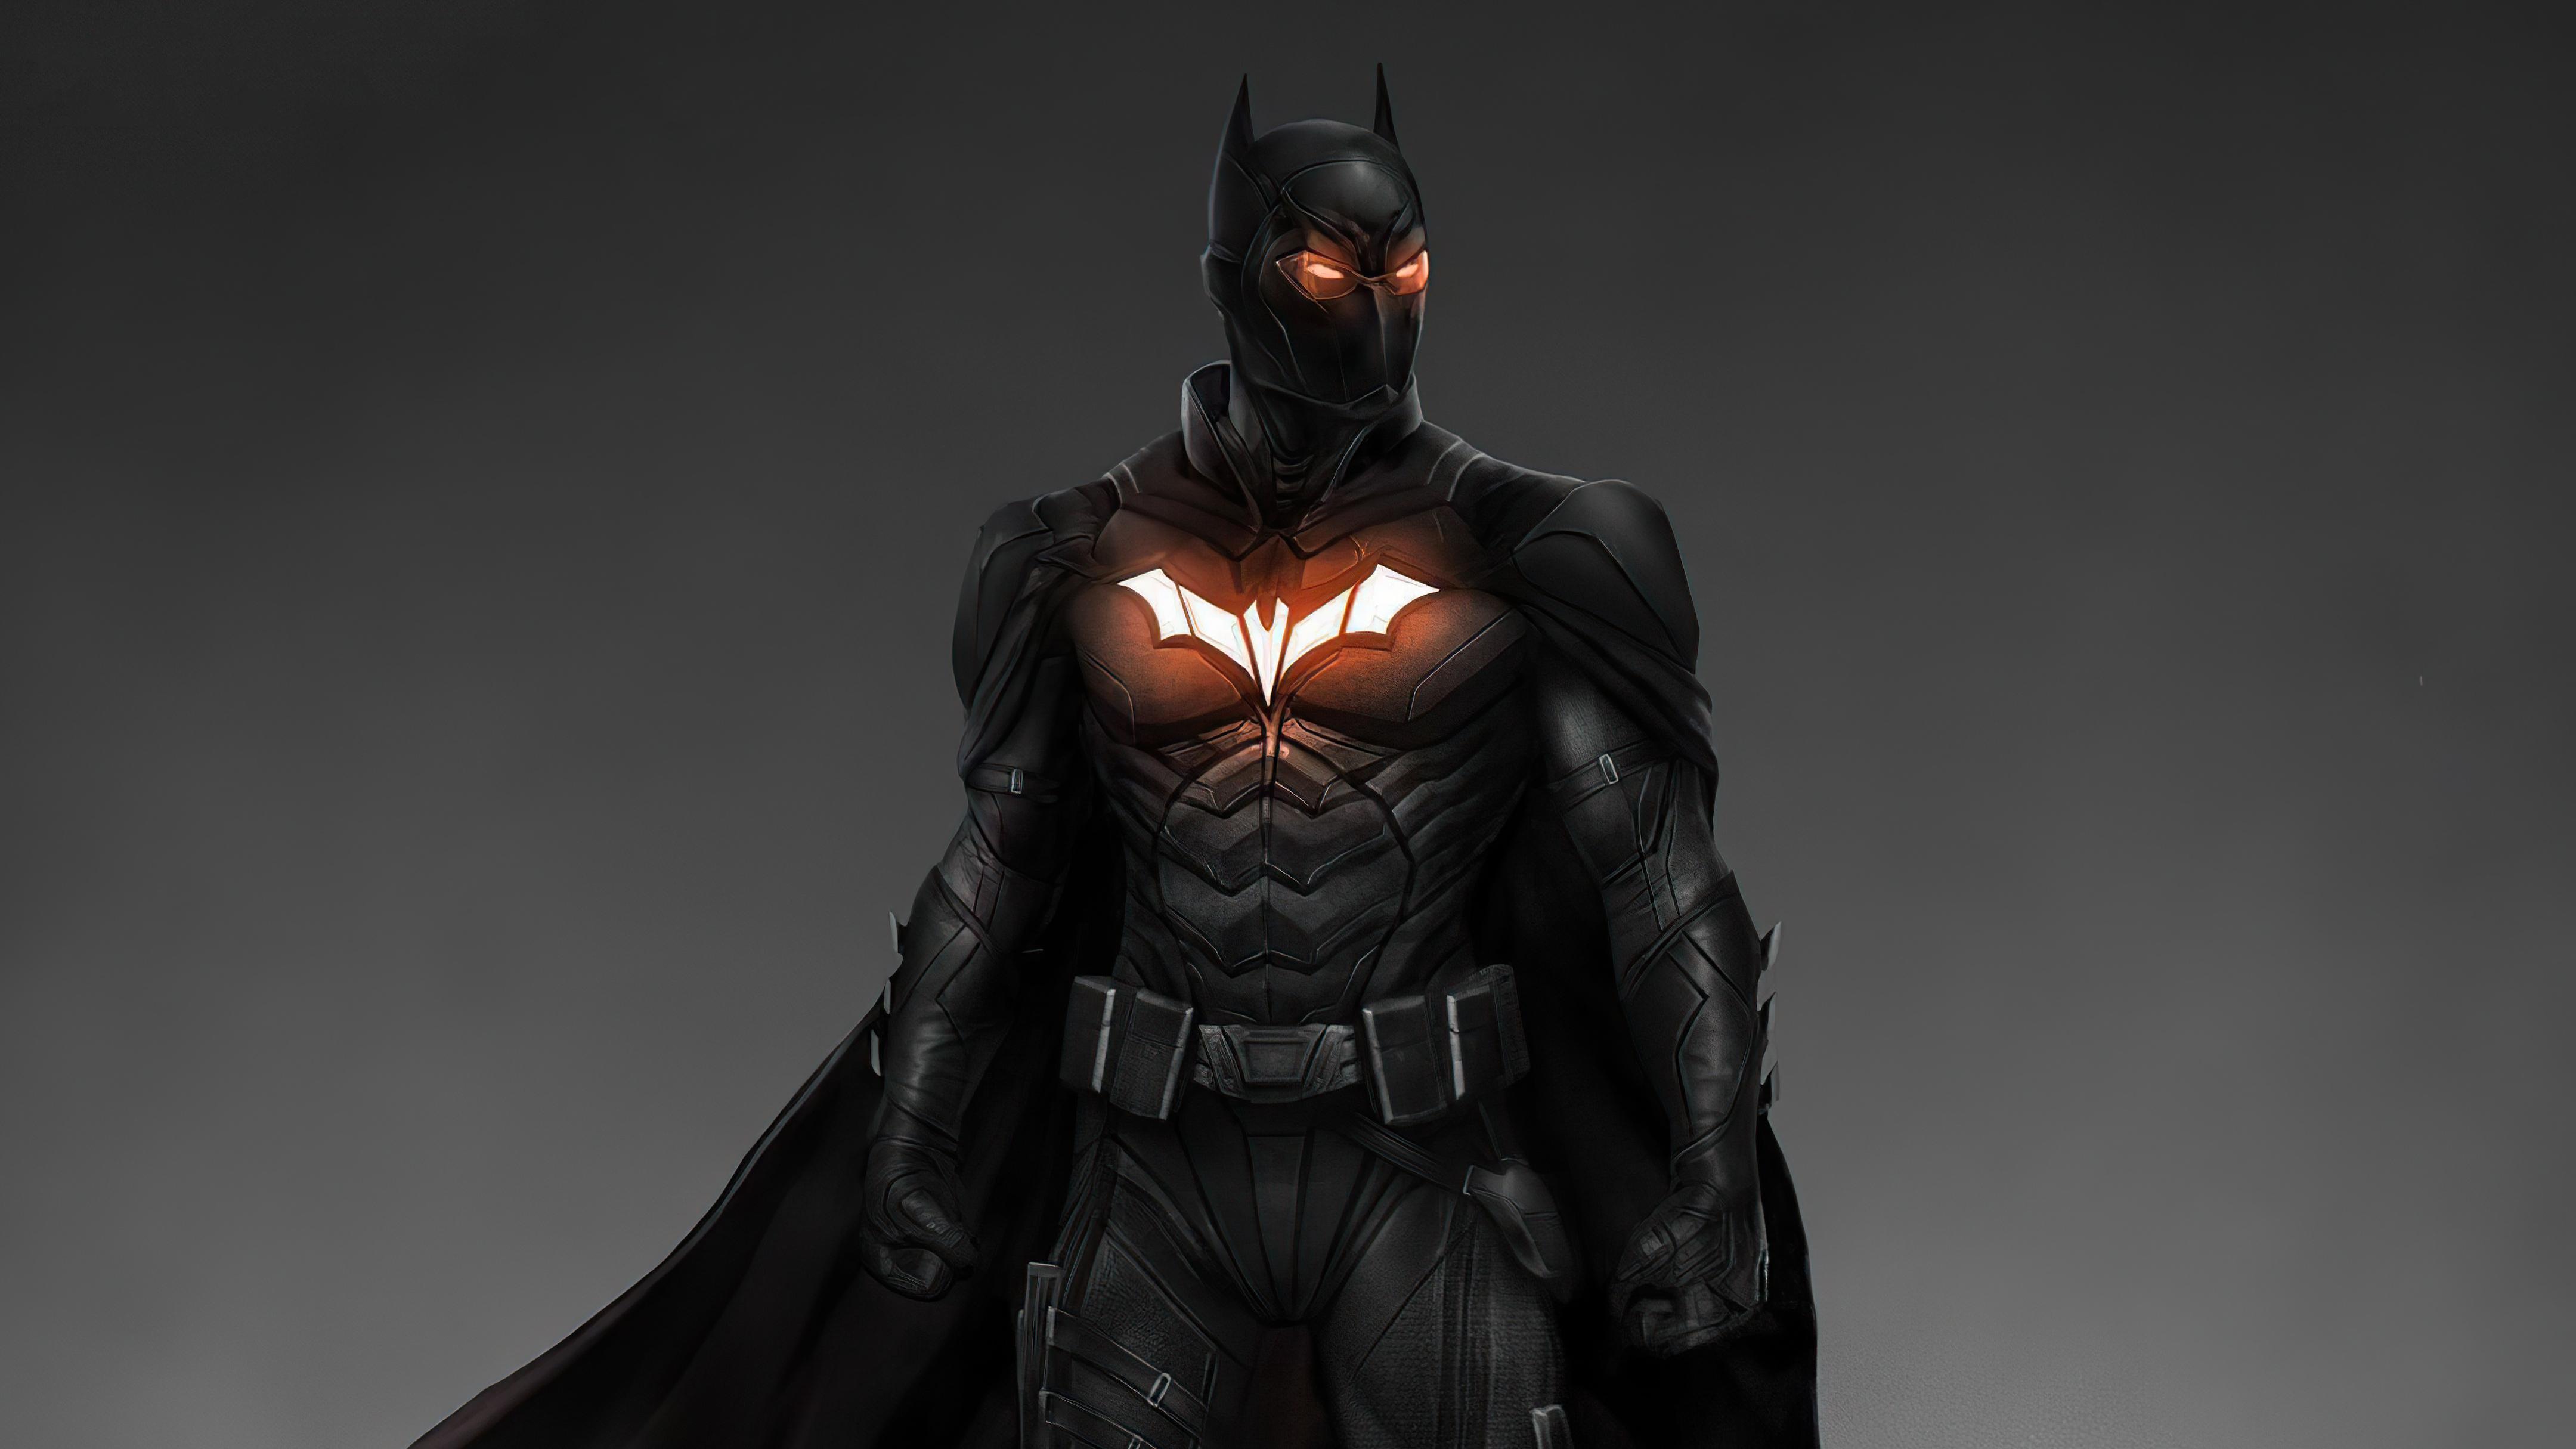 batman final suit 4k 1616954124 - Batman Final Suit 4k - Batman Final Suit 4k wallpapers